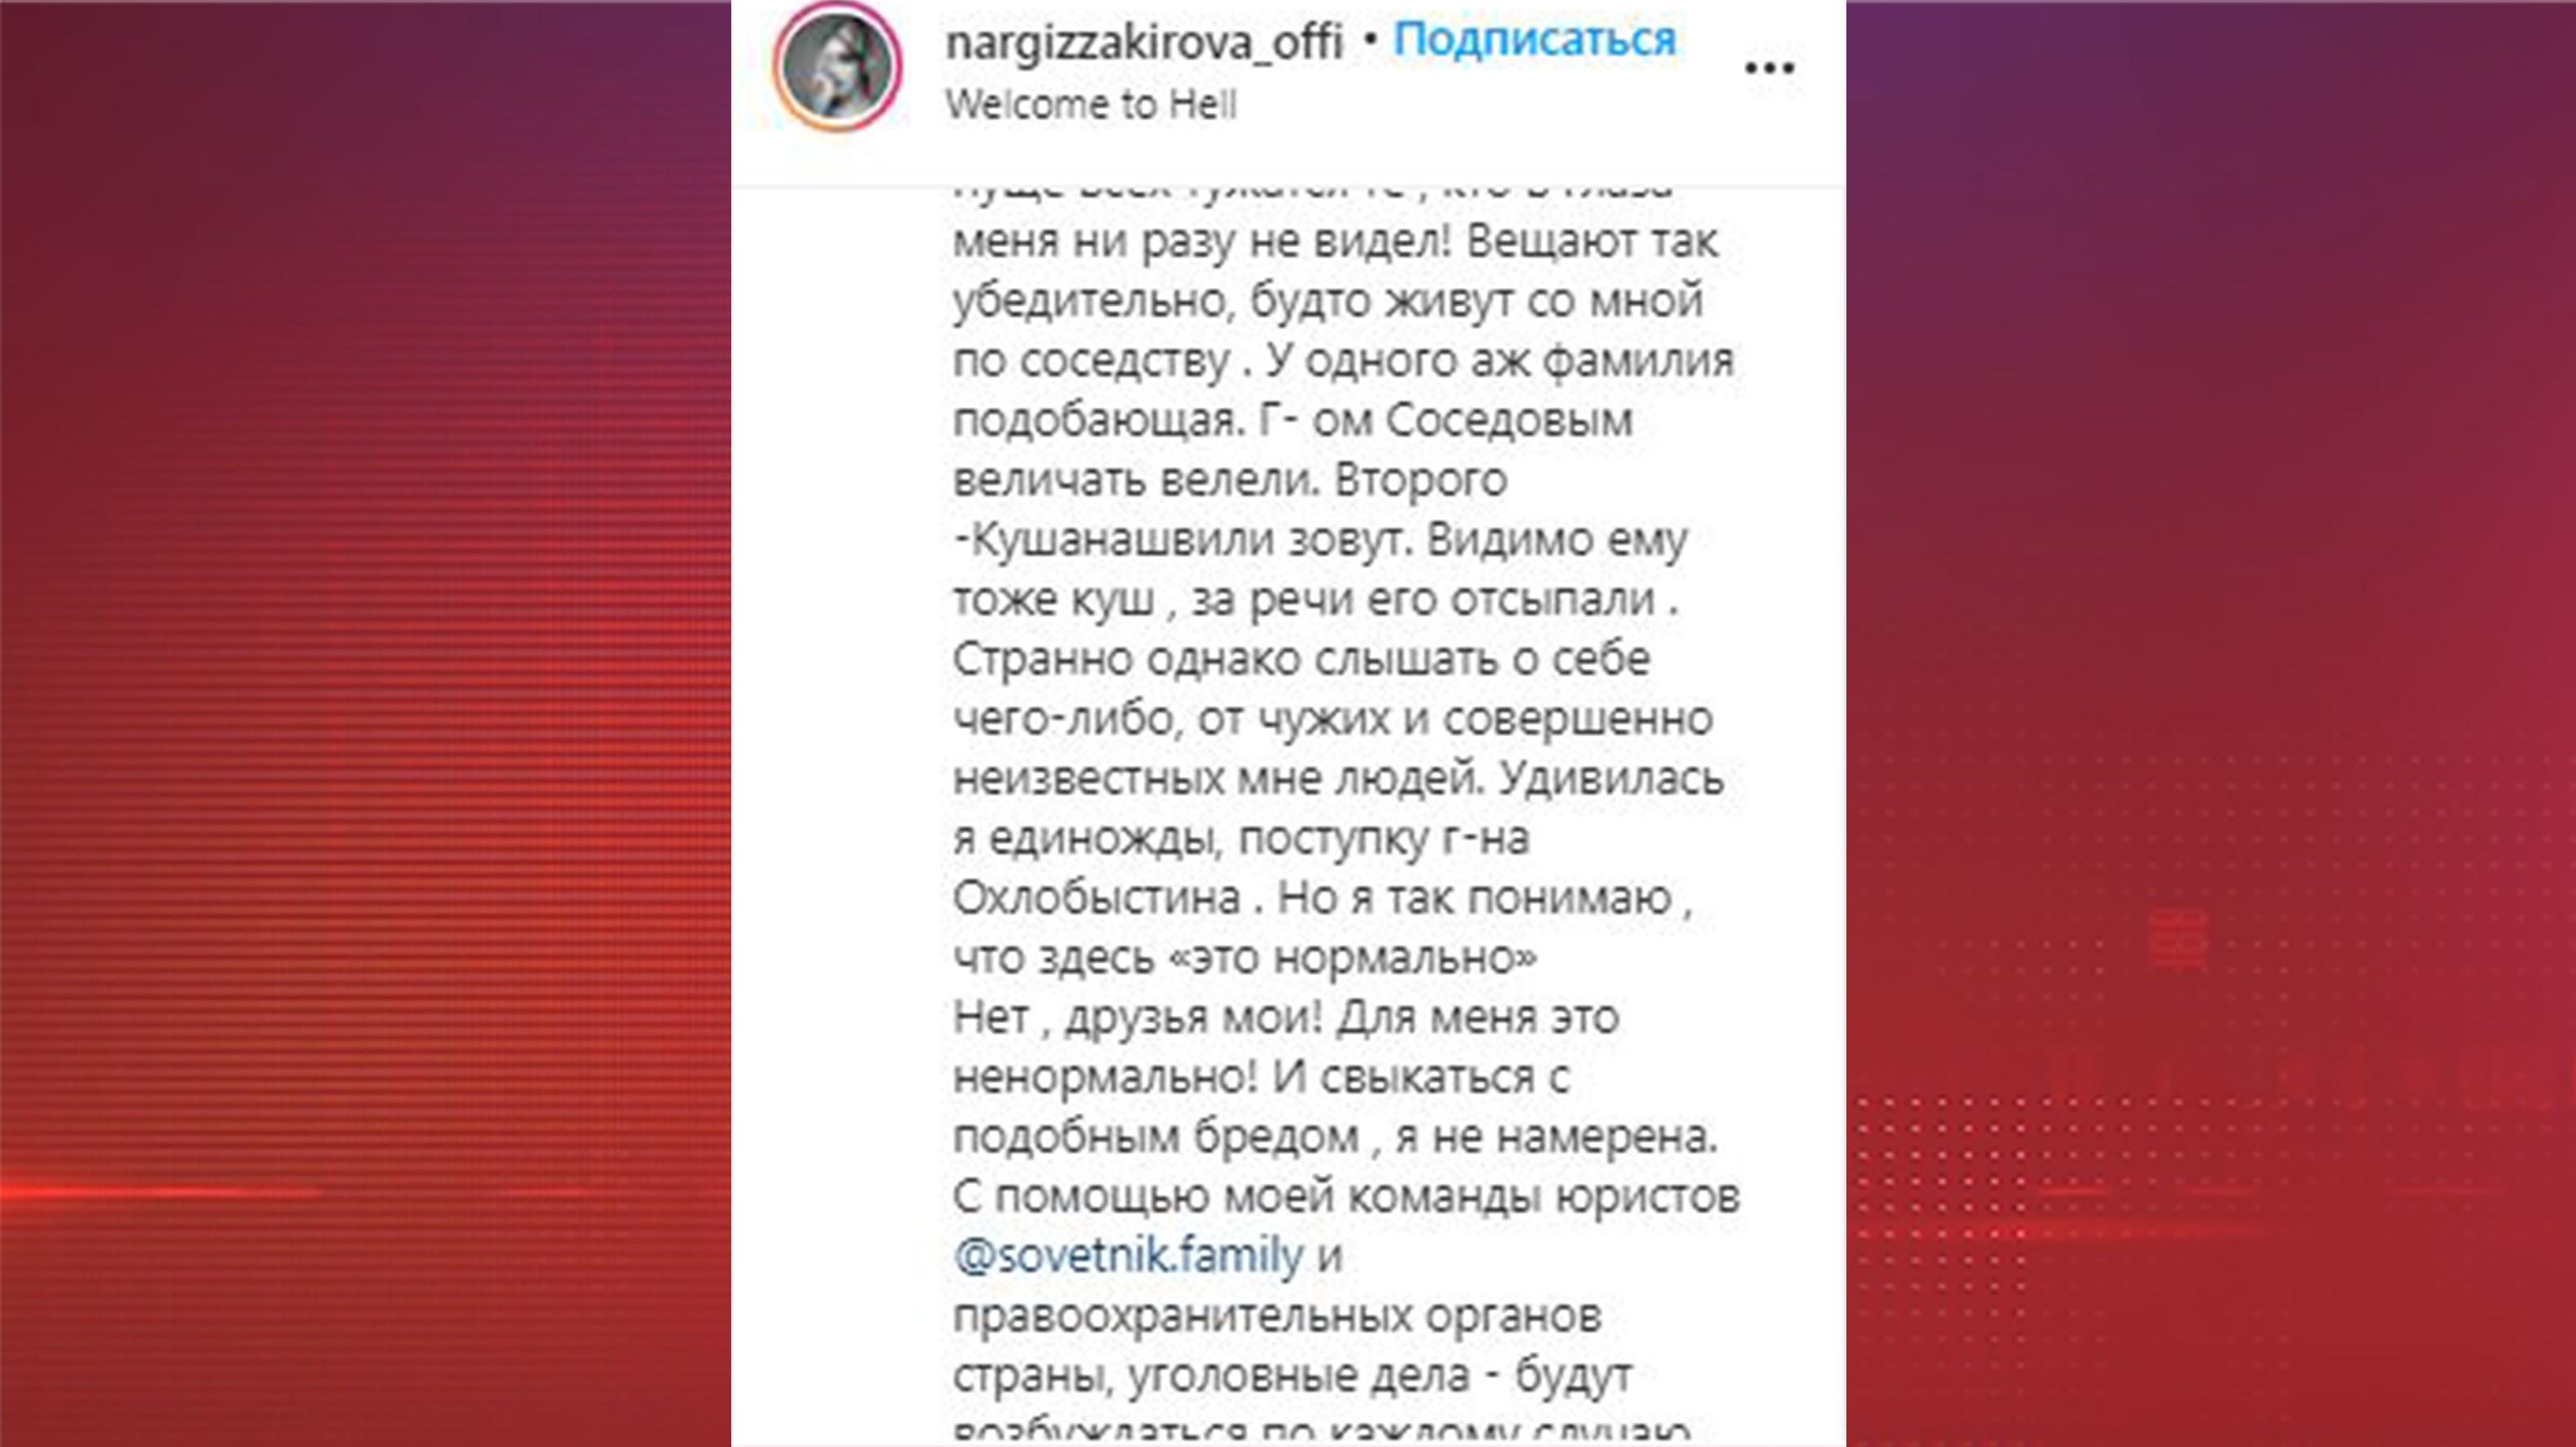 «Она в своем уме?!» — Соседов обещает подать встречный иск к Наргиз за клевету